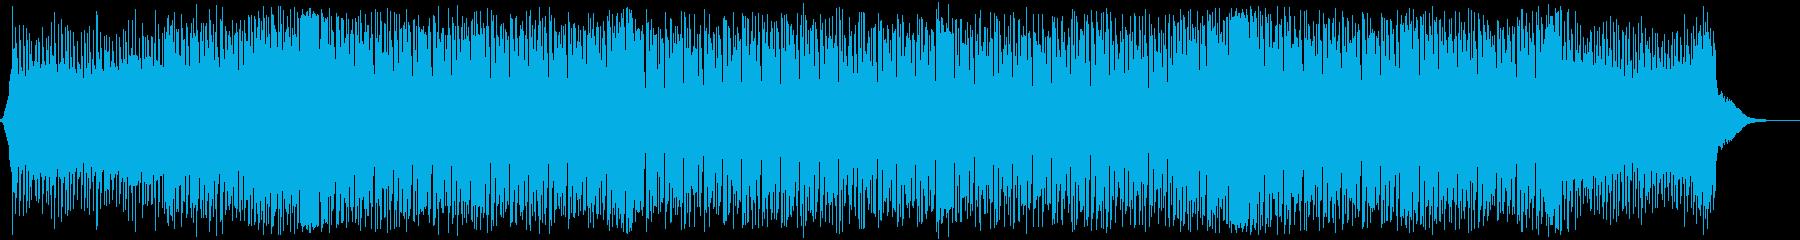 クール・かっこいい・EDMの再生済みの波形